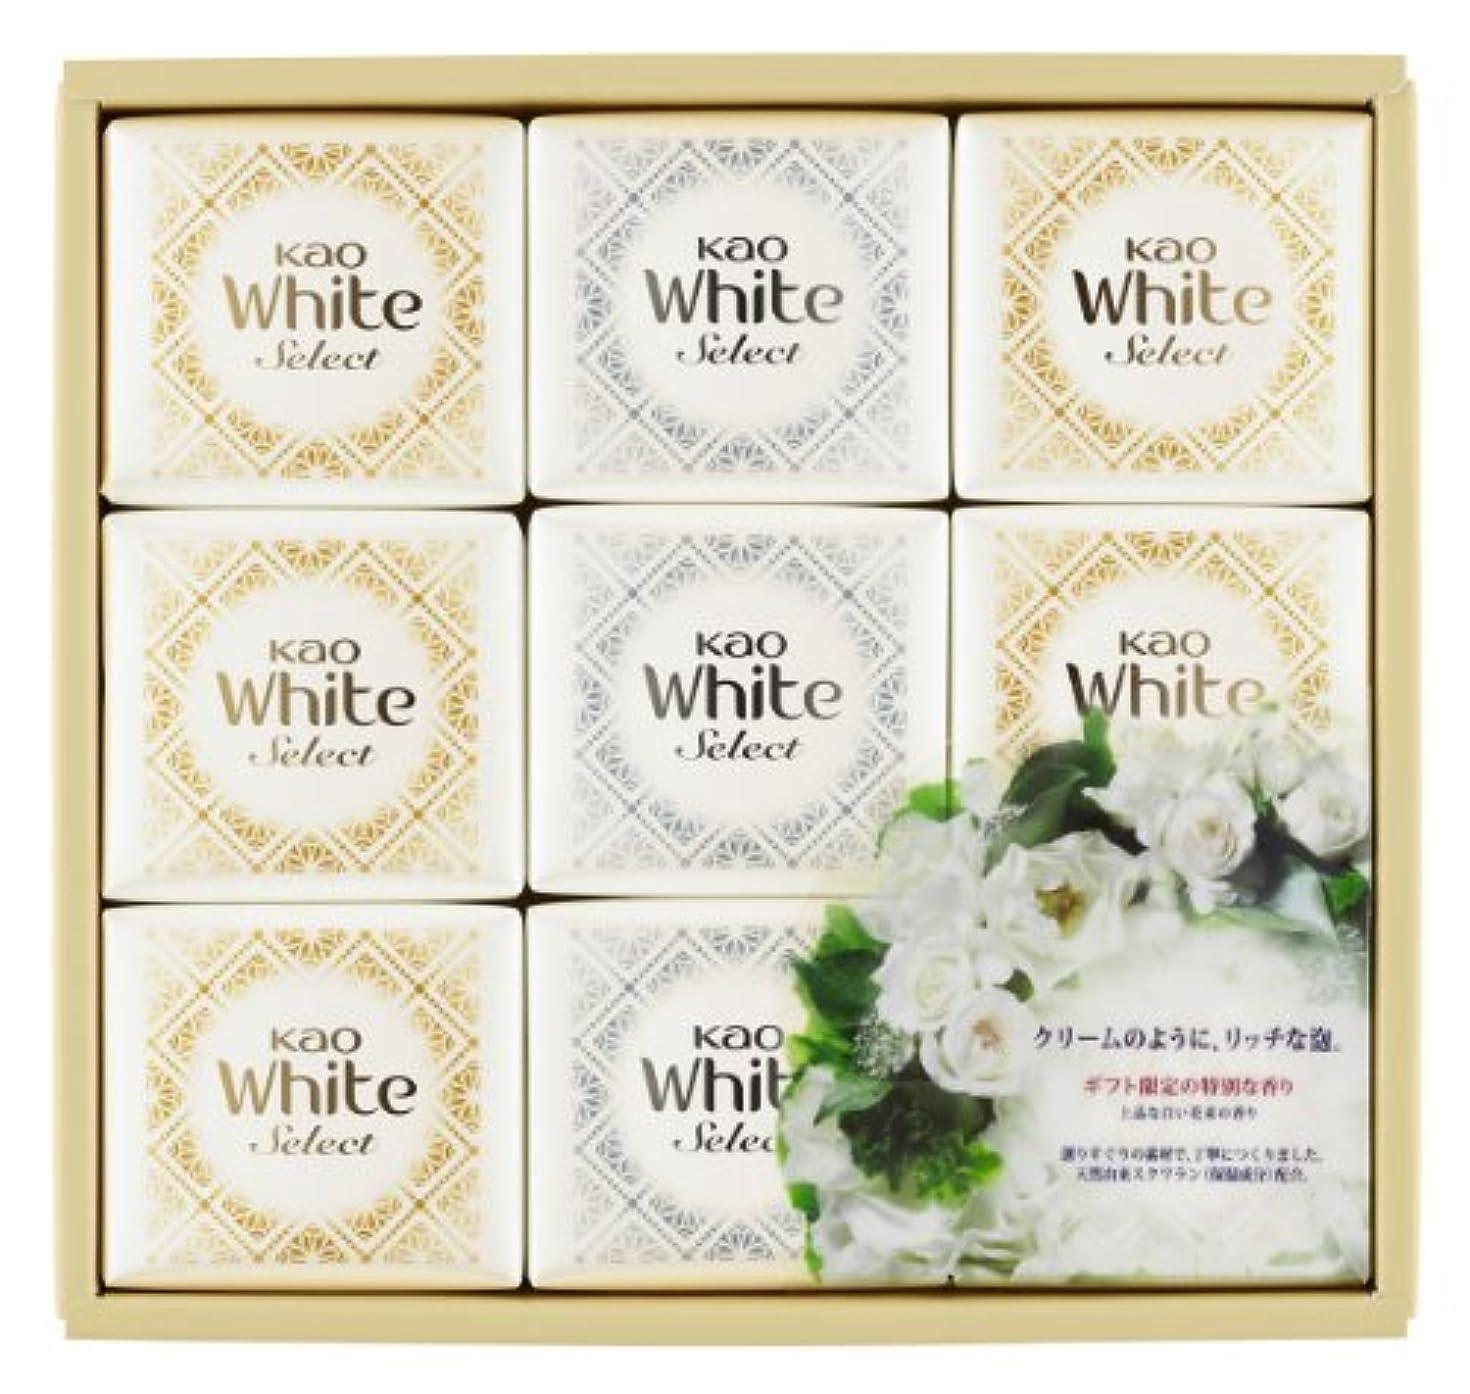 ハントルアー証人花王ホワイト セレクト 上品な白い花束の香り 85g 9コ K?WS-15